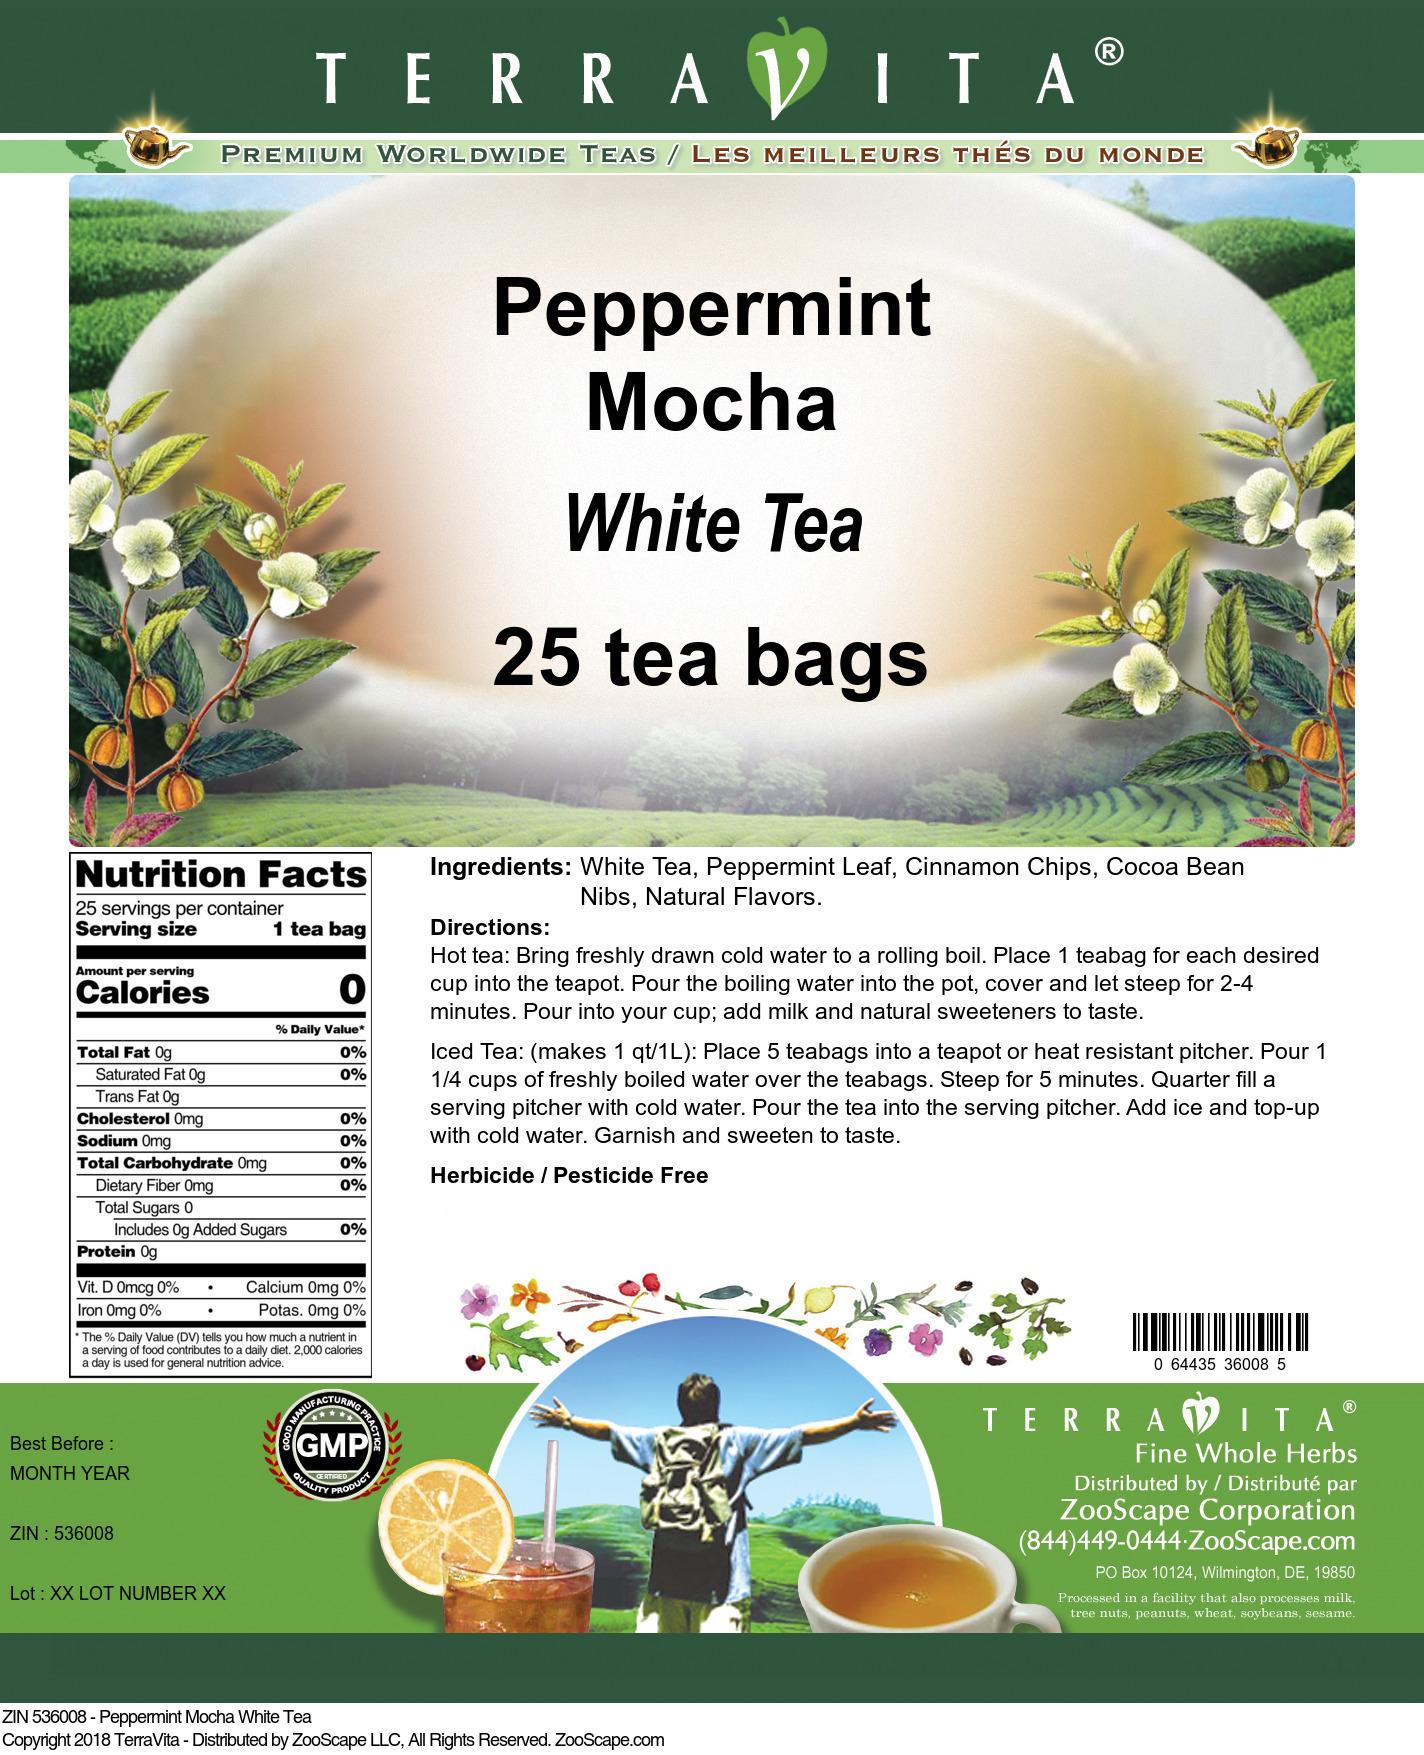 Peppermint Mocha White Tea